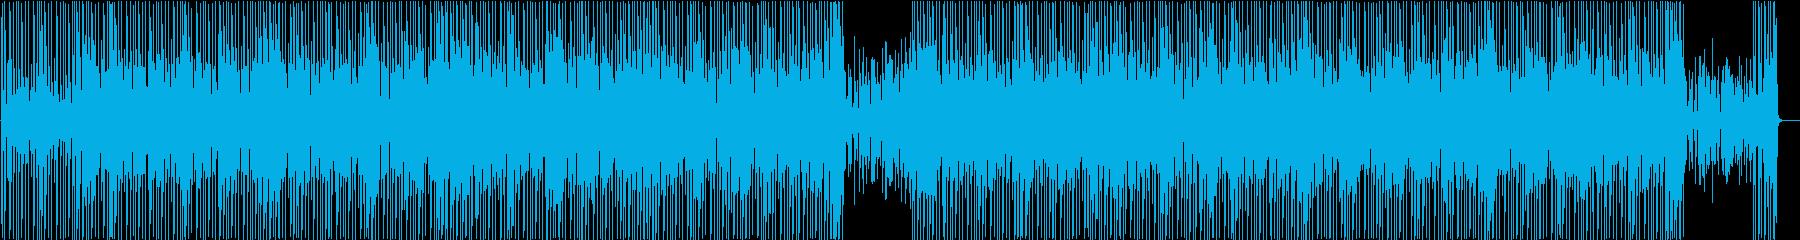 ウクレレで南国風BGMの再生済みの波形